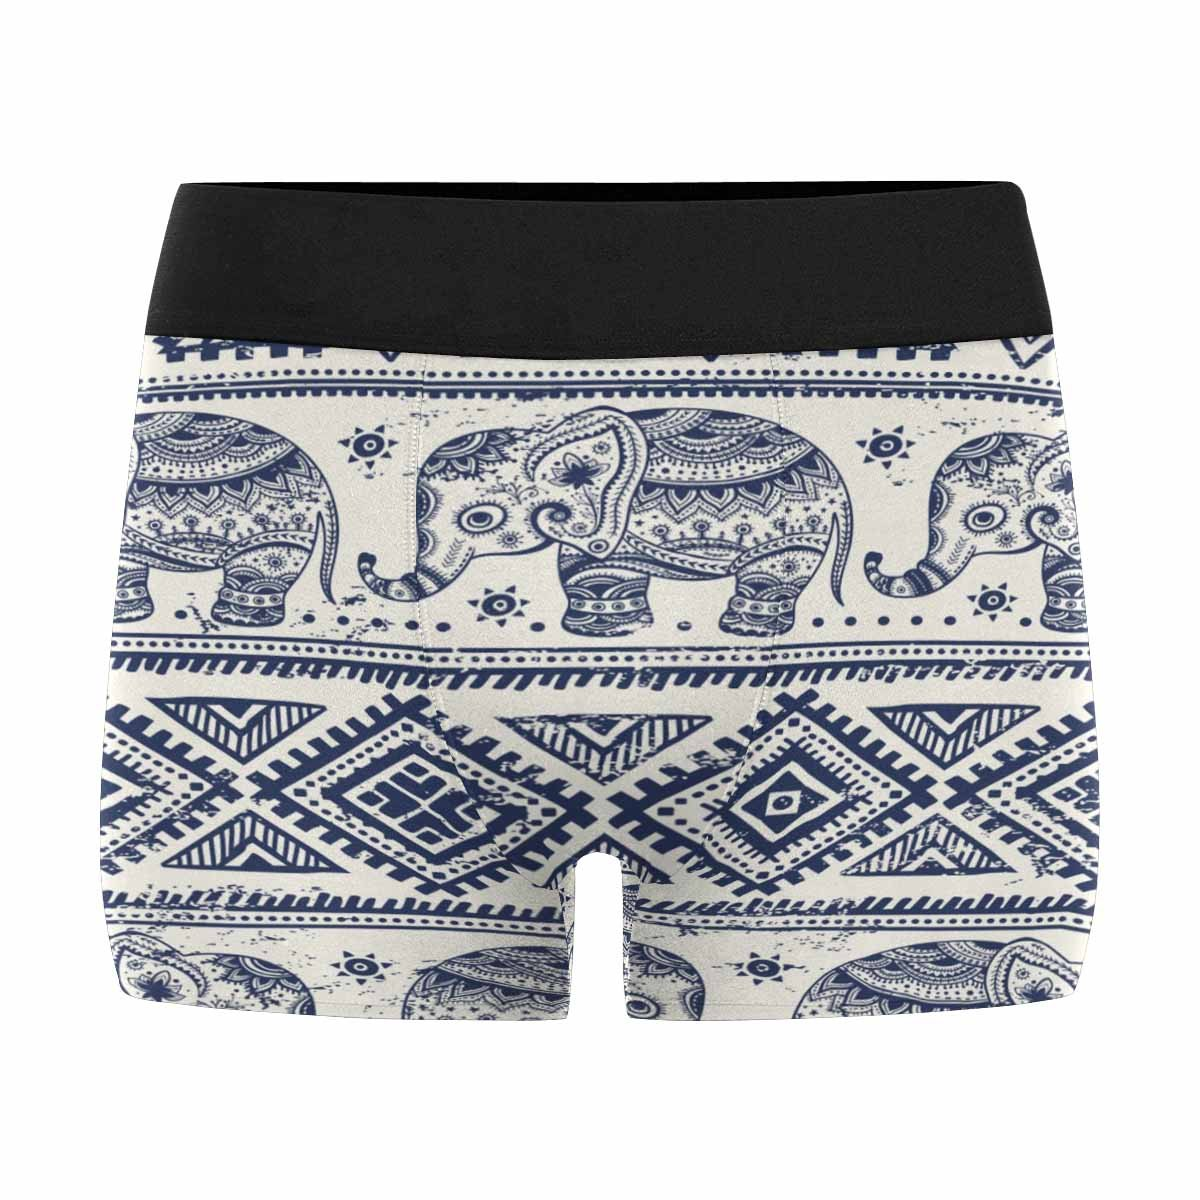 XS-3XL INTERESTPRINT Mens Boxer Briefs Underwear Ethnic Elephant